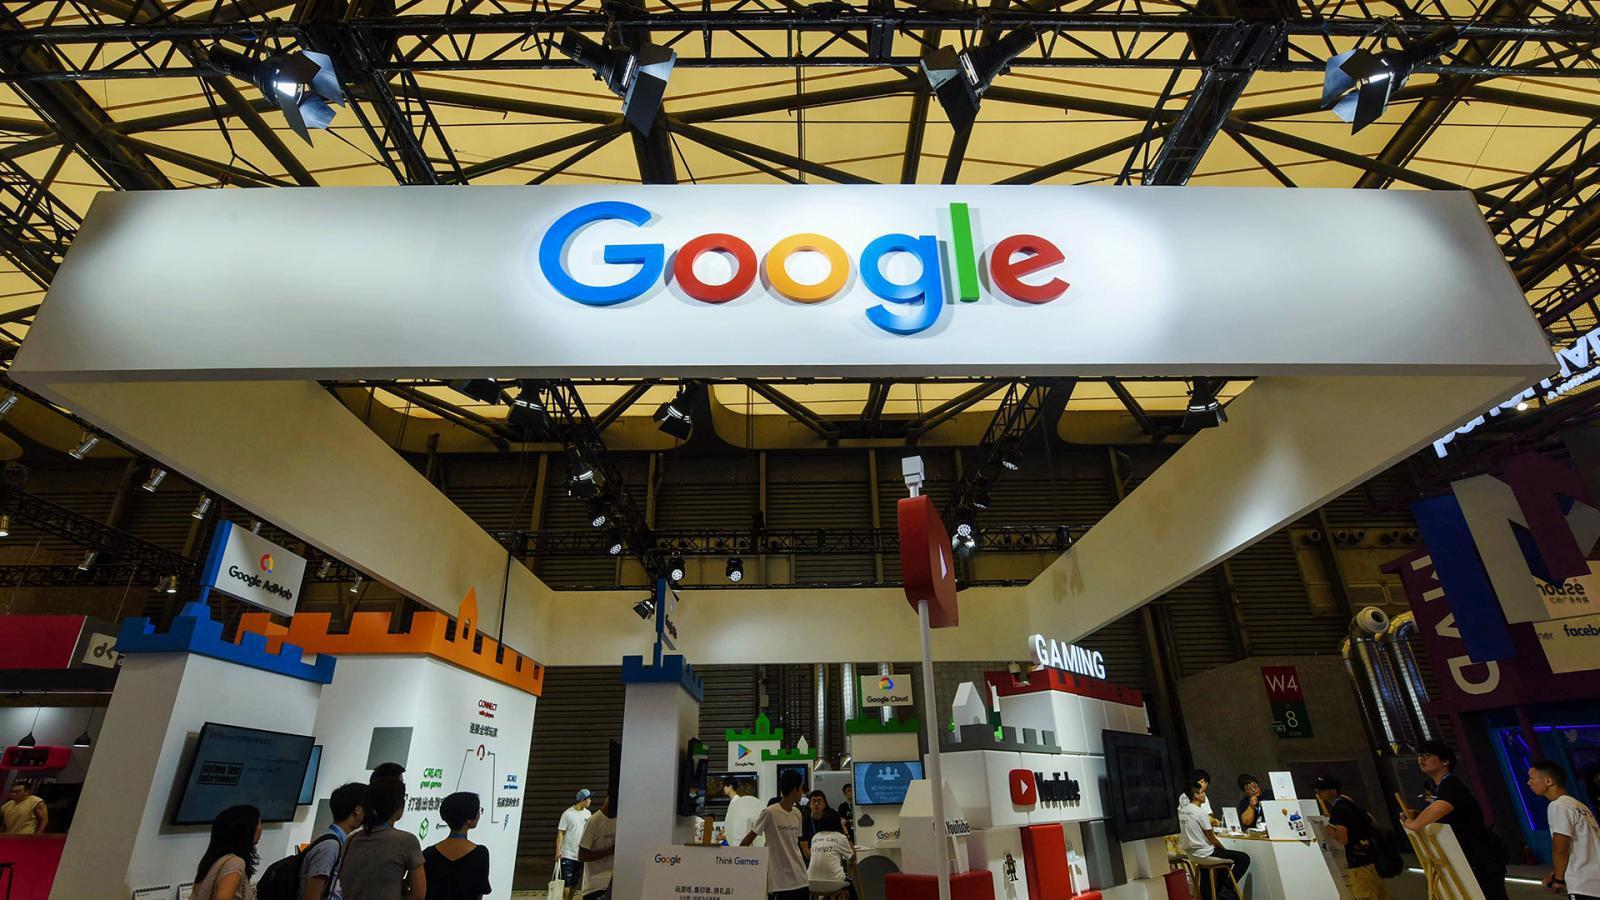 Google เตรียมย้ายฐานการผลิตจากจีน ไป เวียดนาม